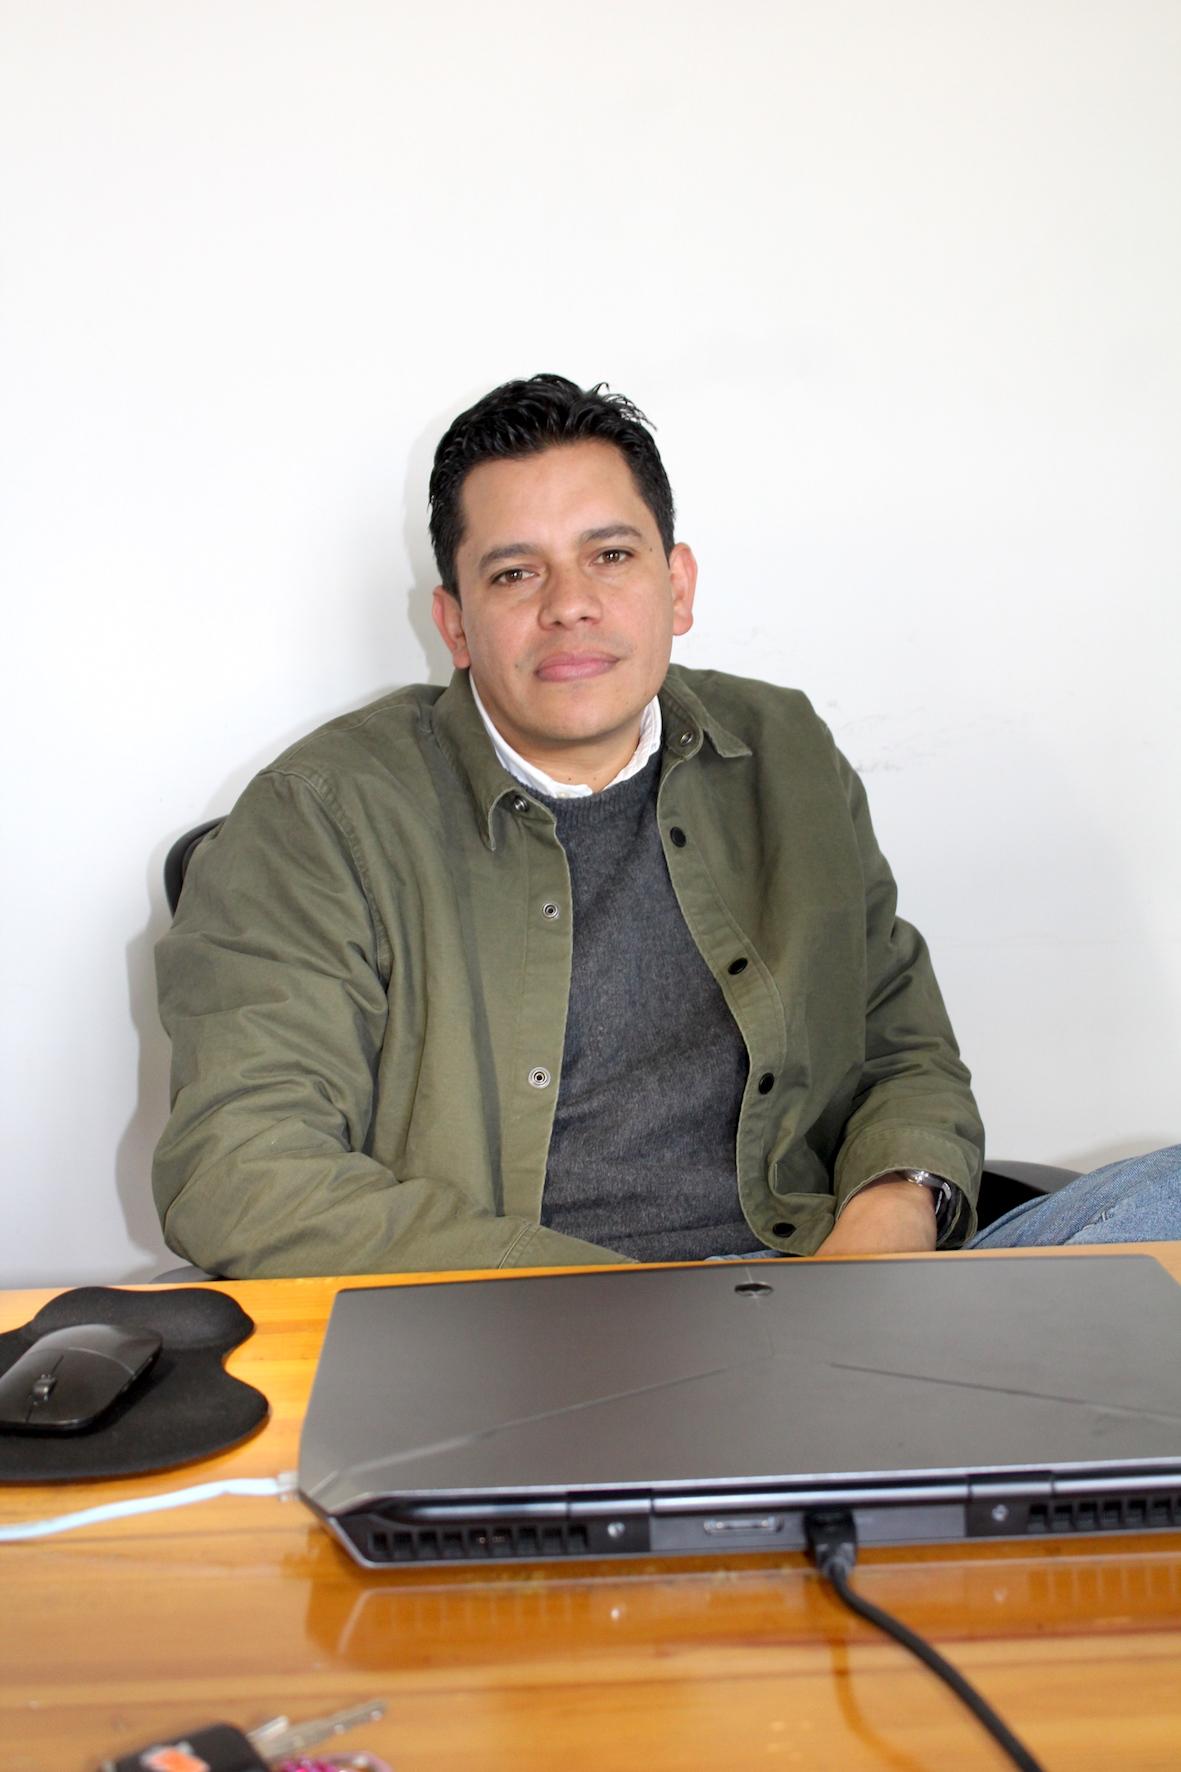 Armando Trujillo Herrada